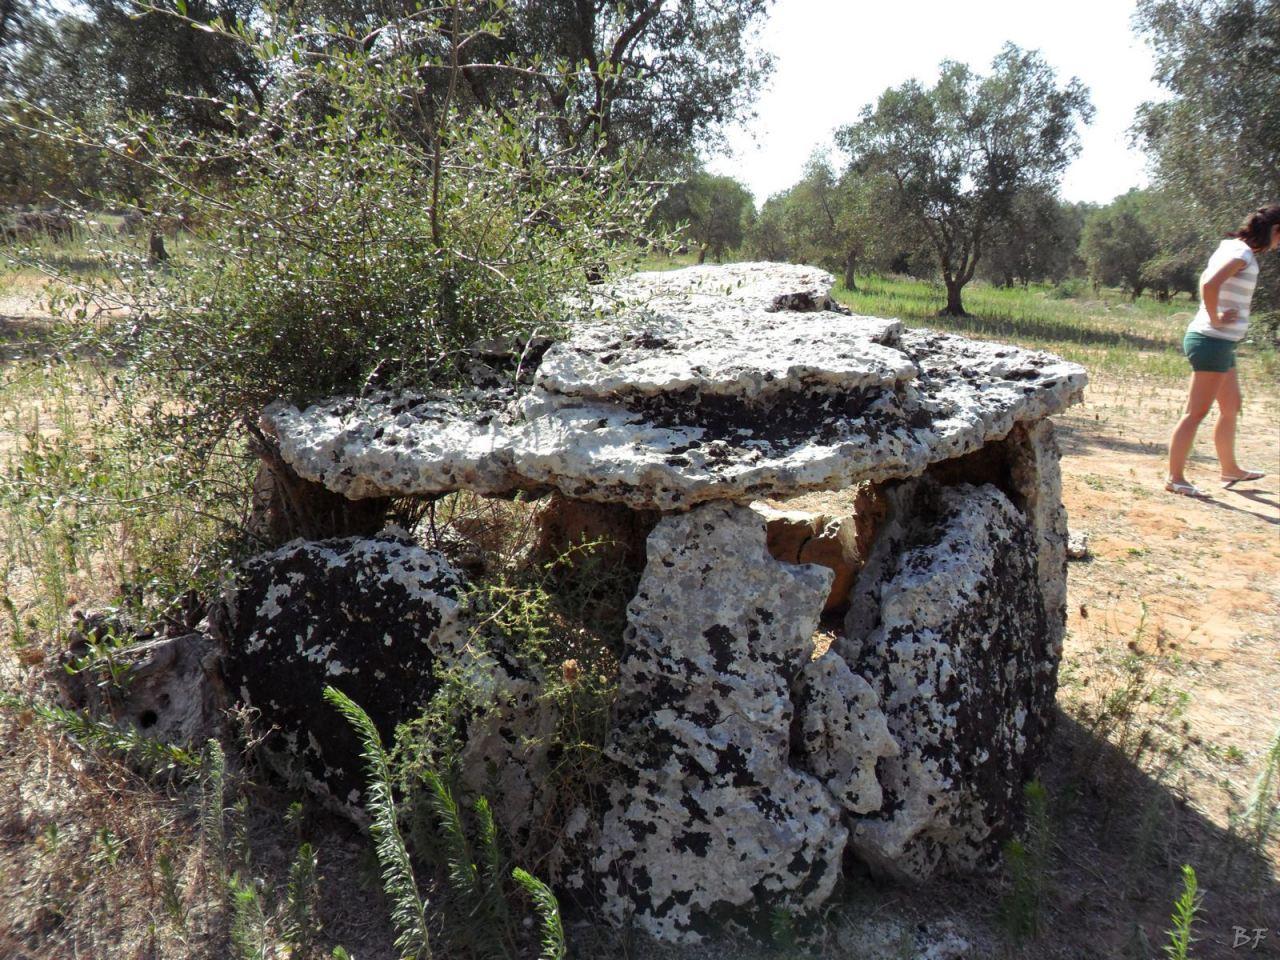 Dolmen-Placa-Melendugno-Megaliti-Salento-Lecce-Puglia-Italia-6